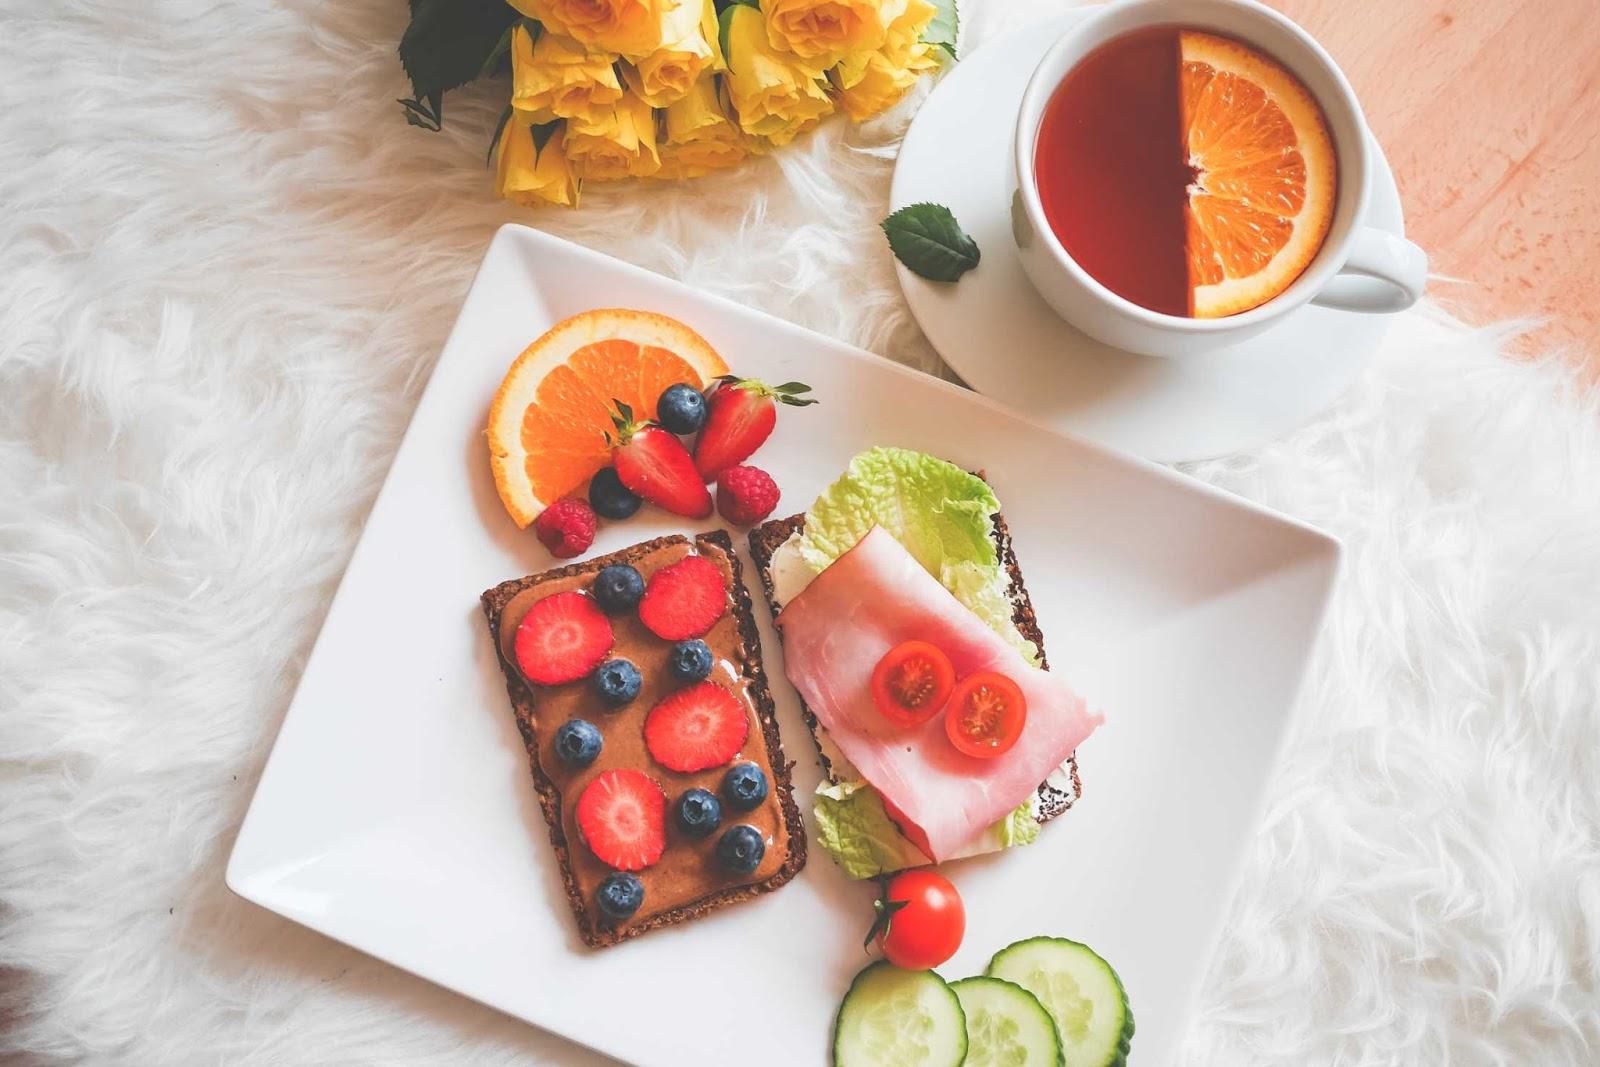 الأكل الصحي لتخفيف الوزن